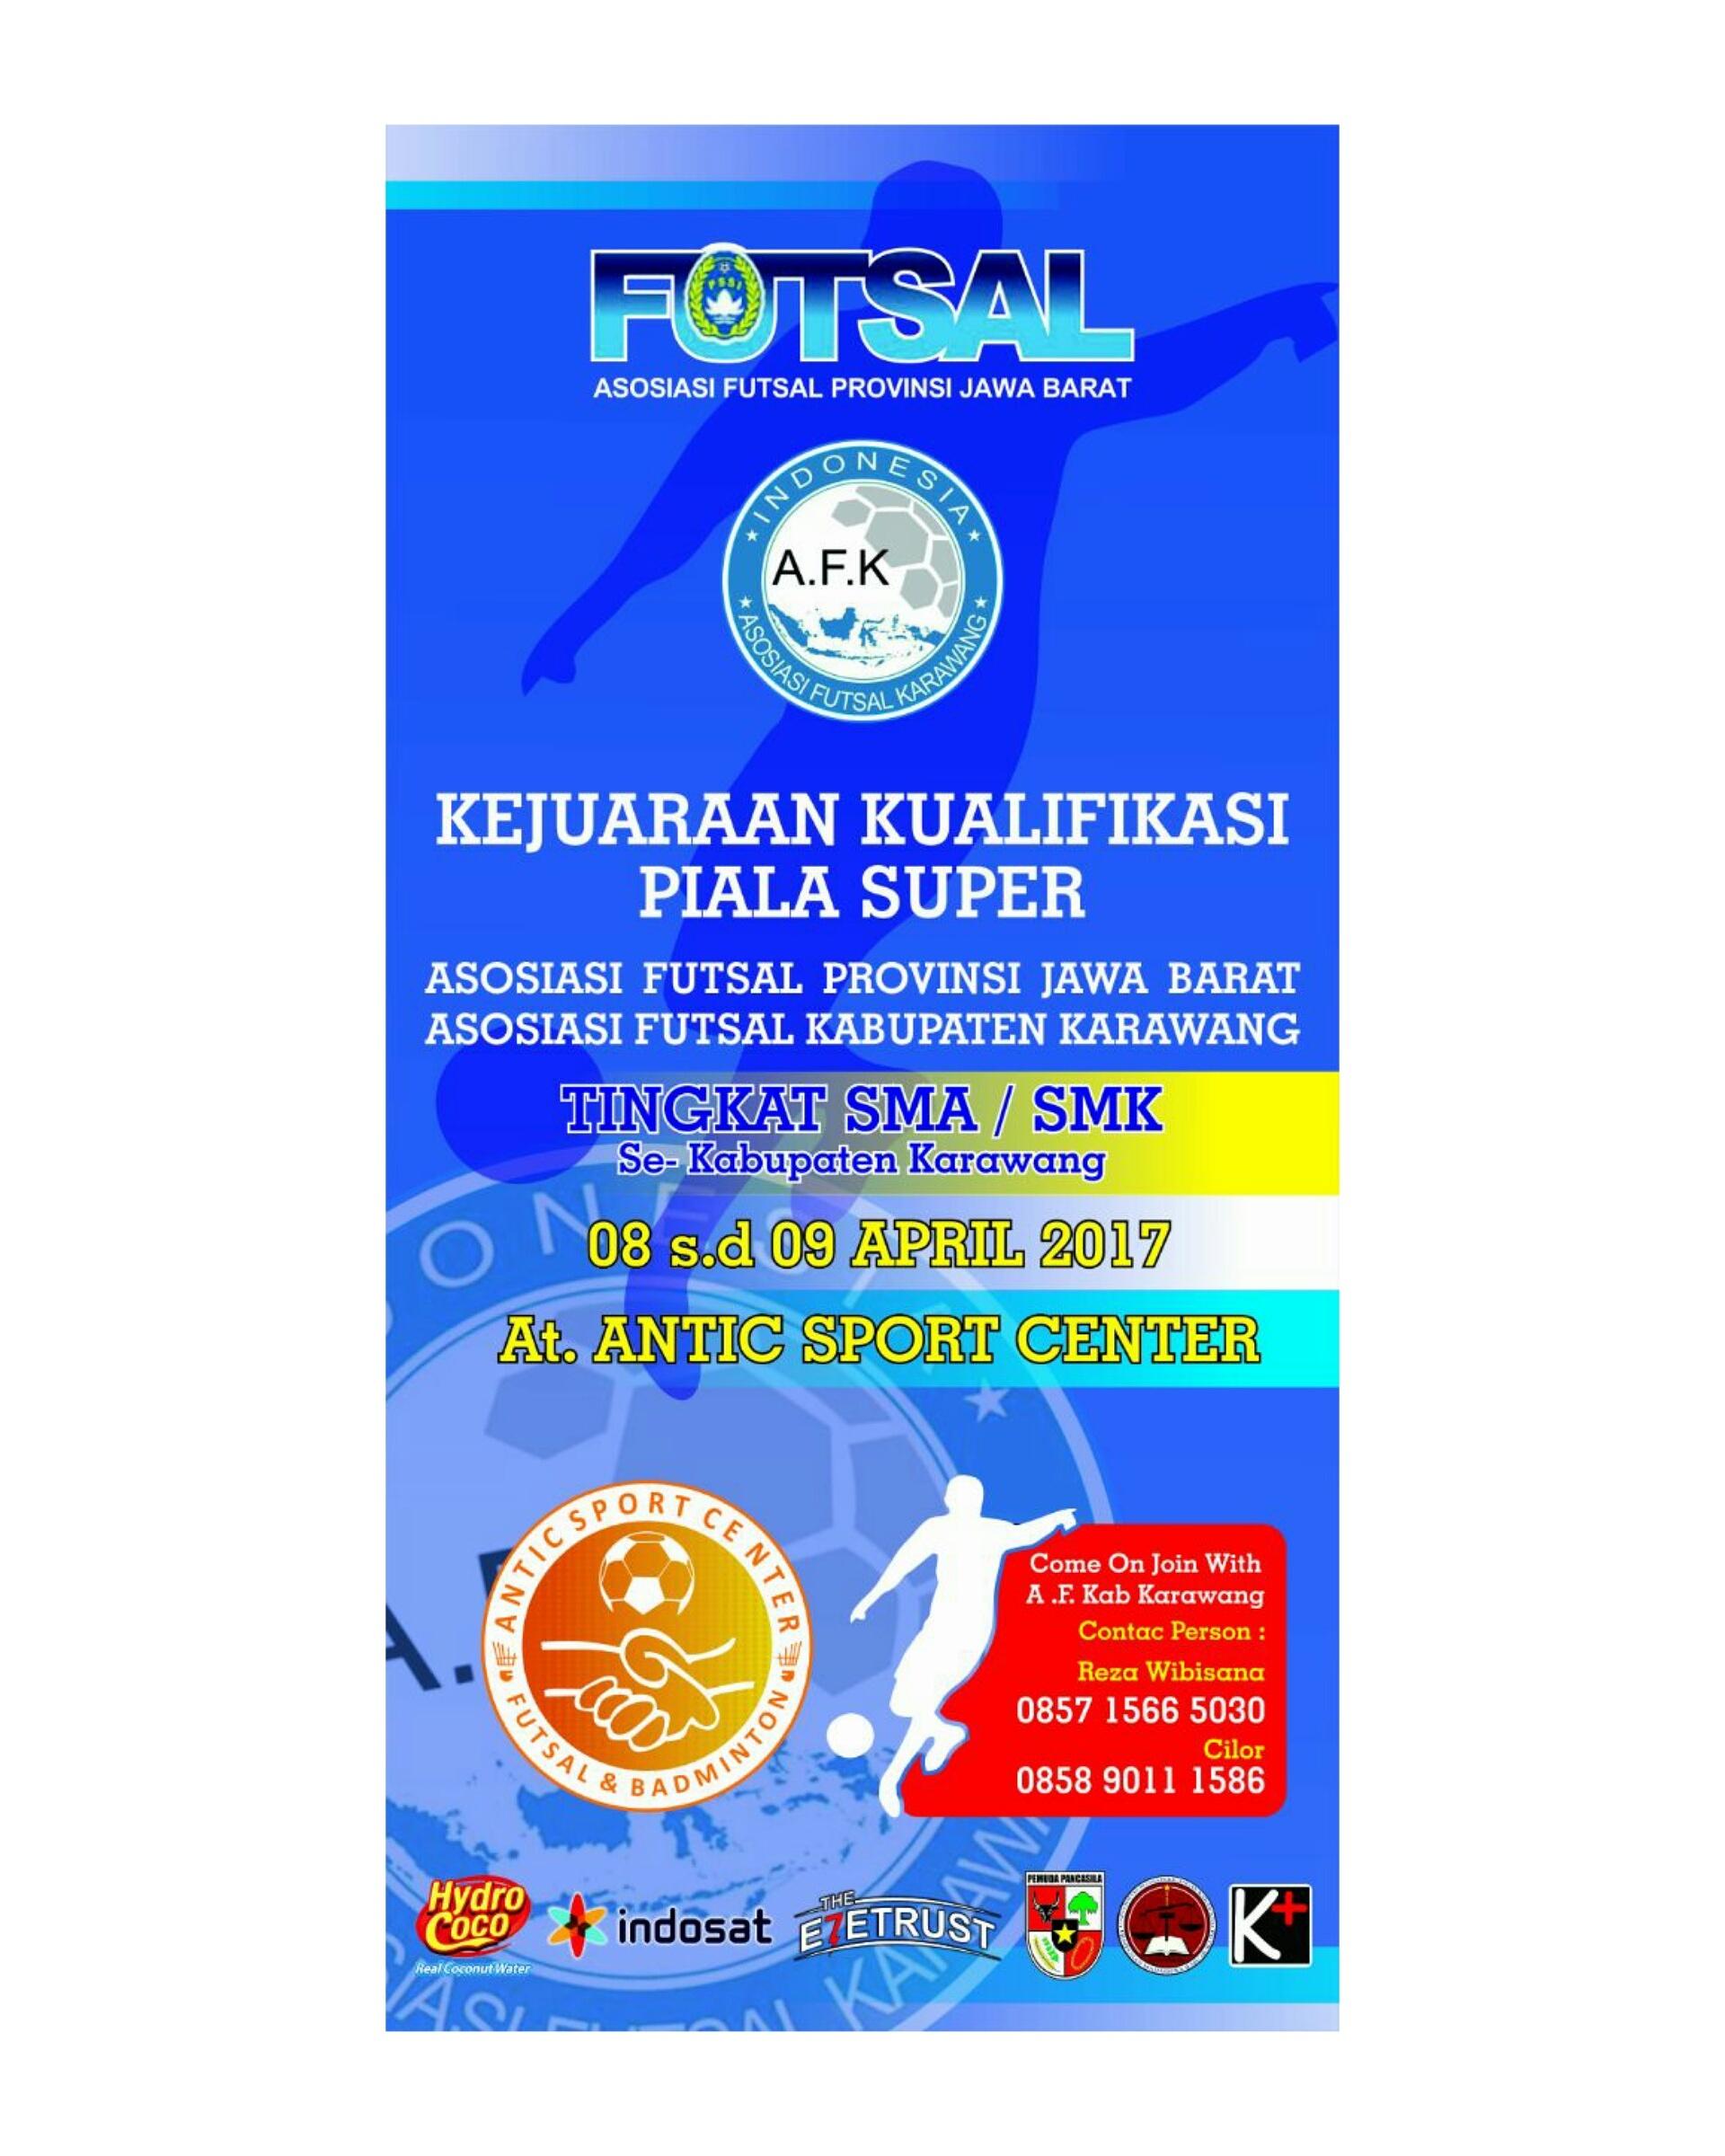 3 Minggul Lagi Gelaran Kualifikasi Kejuaraan Futsal Antar SMK SMA di Karawang Karawang Plus